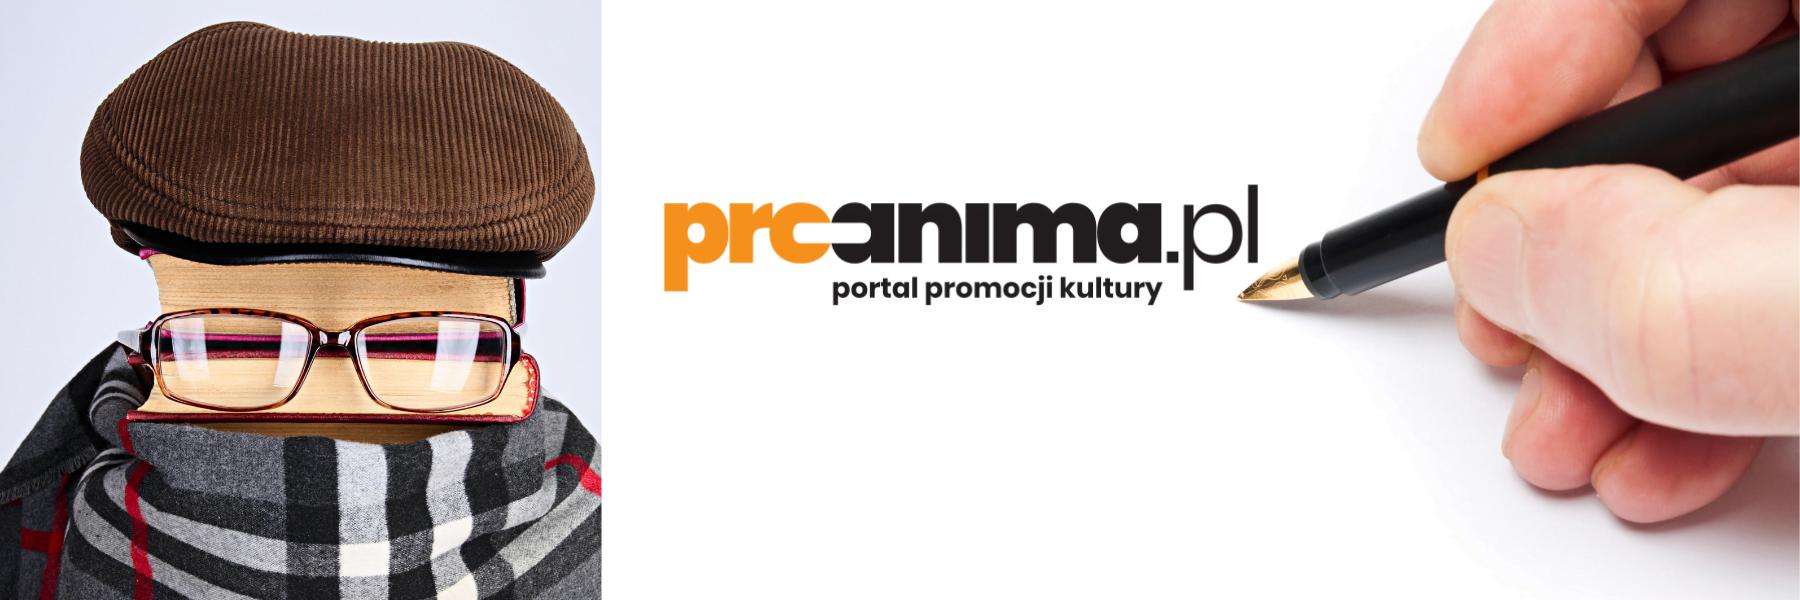 Proanima